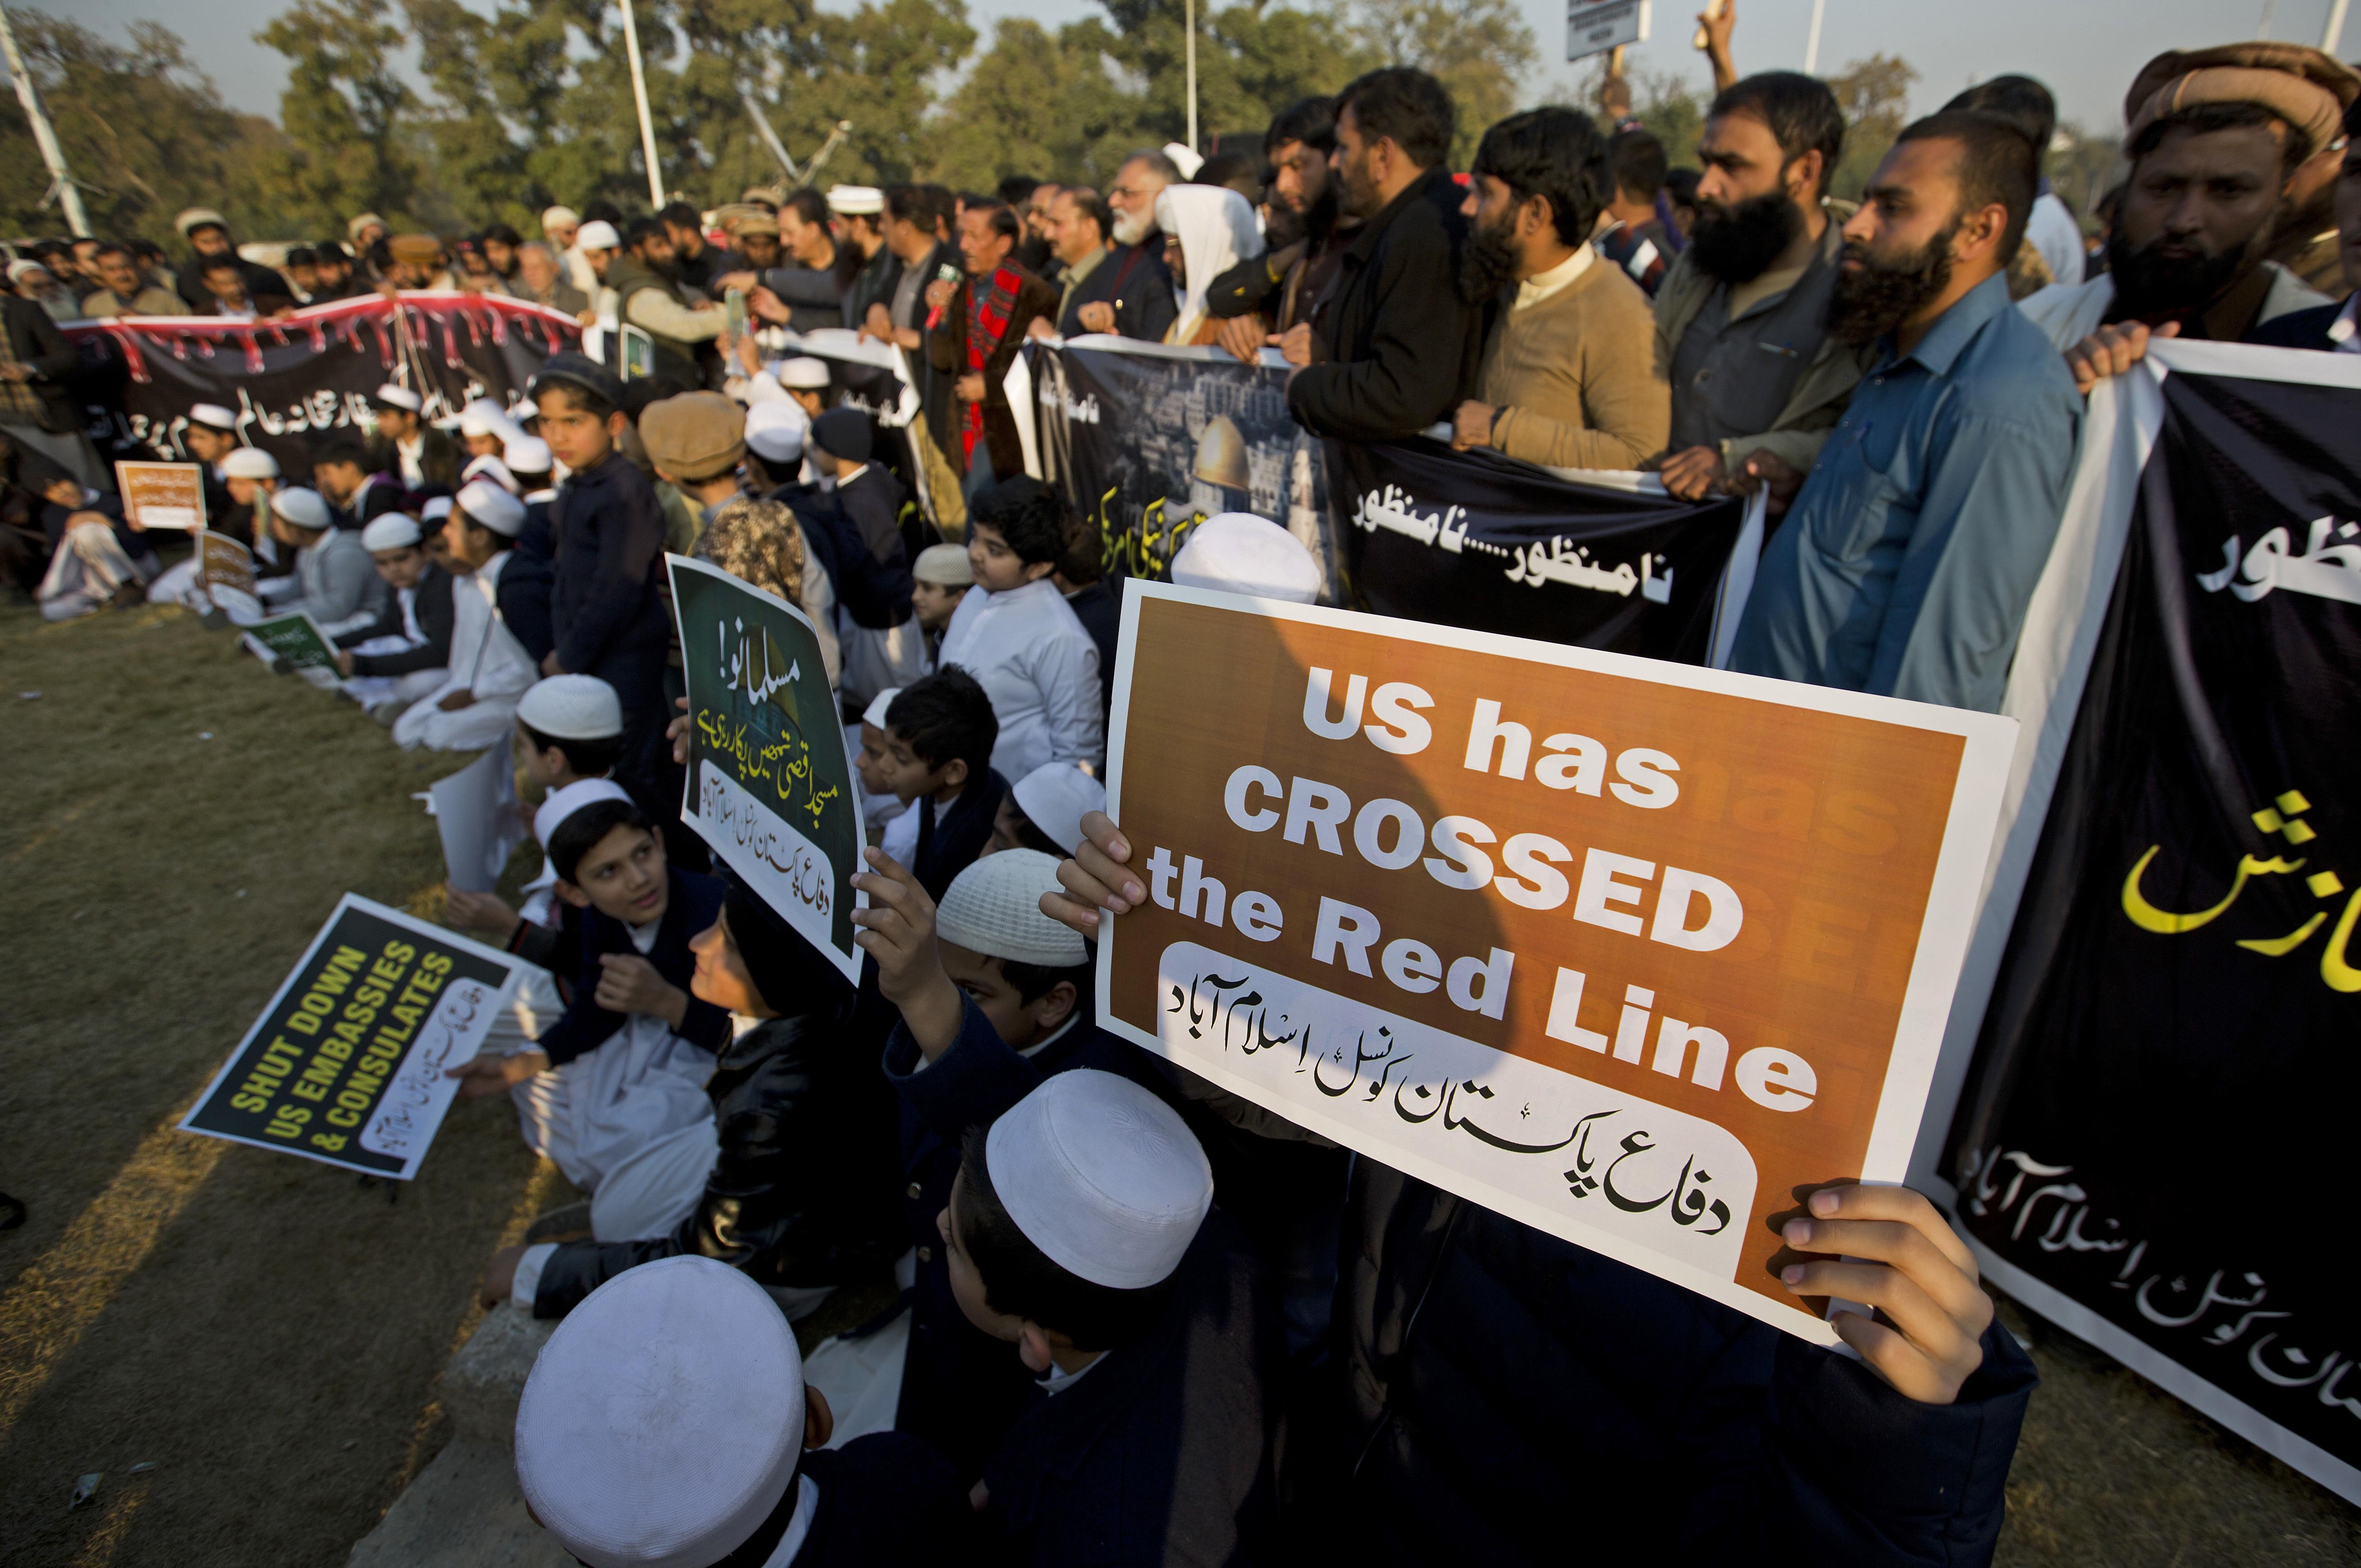 La noticia generó rechazos en todo el mundo musulmán(AP)